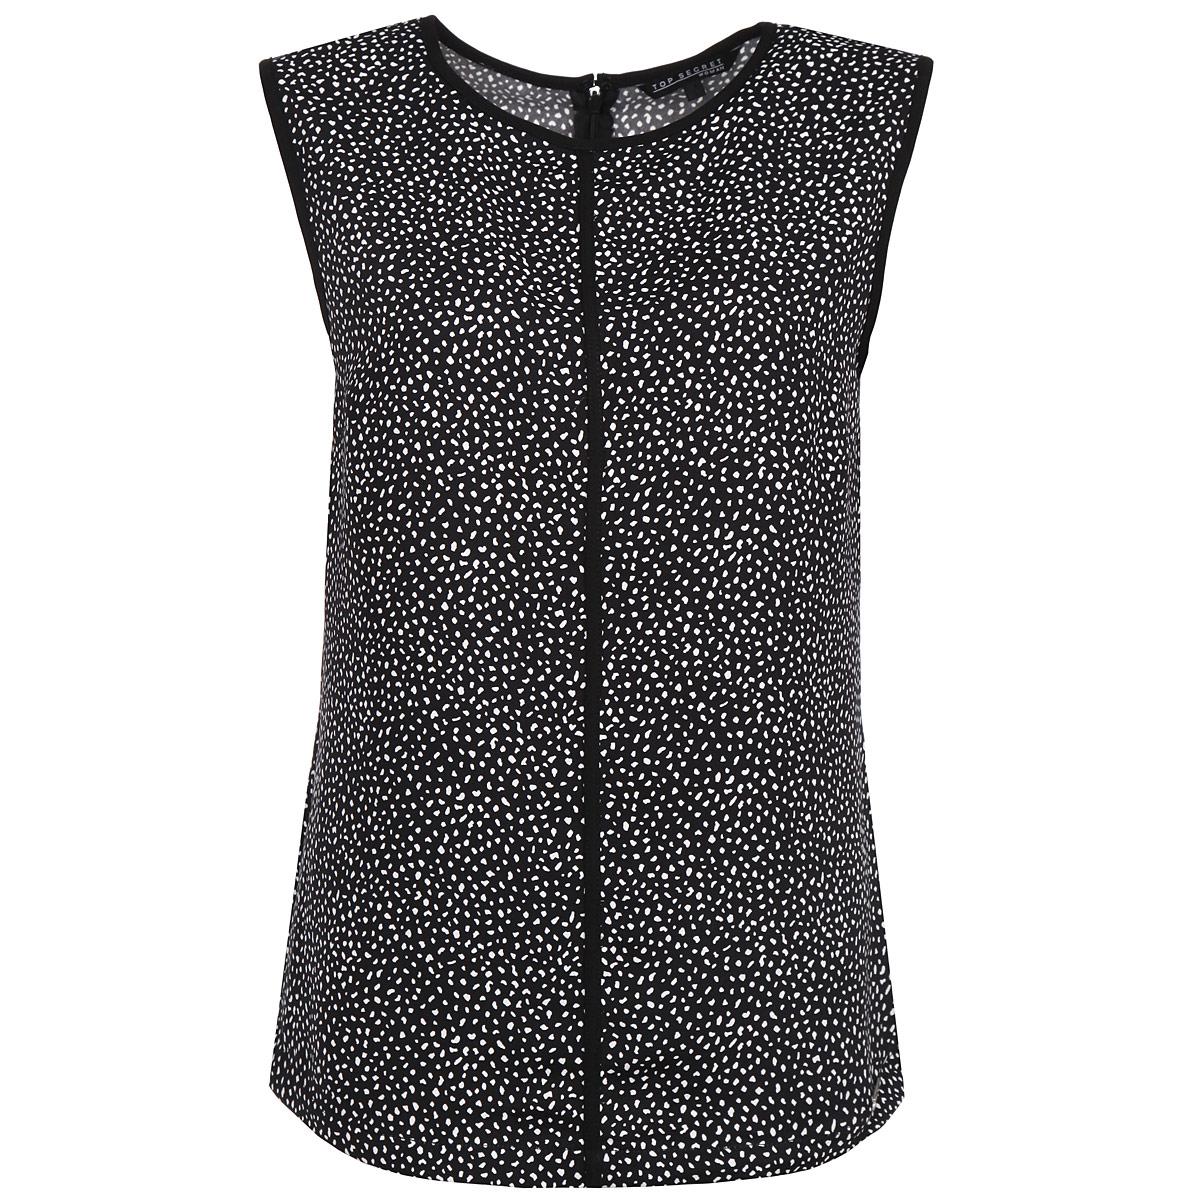 Блузка. SBK2103BISBK2103BIСтильная блуза Top Secret, выполненная из высококачественного материала, подчеркнет ваш уникальный стиль и поможет создать оригинальный женственный образ. Блузка свободного кроя без рукавов, с круглым вырезом горловины оформлена принтом в виде контрастных мелких пятнышек. На спинке блузка застегивается на молнию и дополнительно - на крючок. Легкая блуза идеально подойдет для жарких летних дней. Такая блузка будет дарить вам комфорт в течение всего дня и послужит замечательным дополнением к вашему гардеробу.